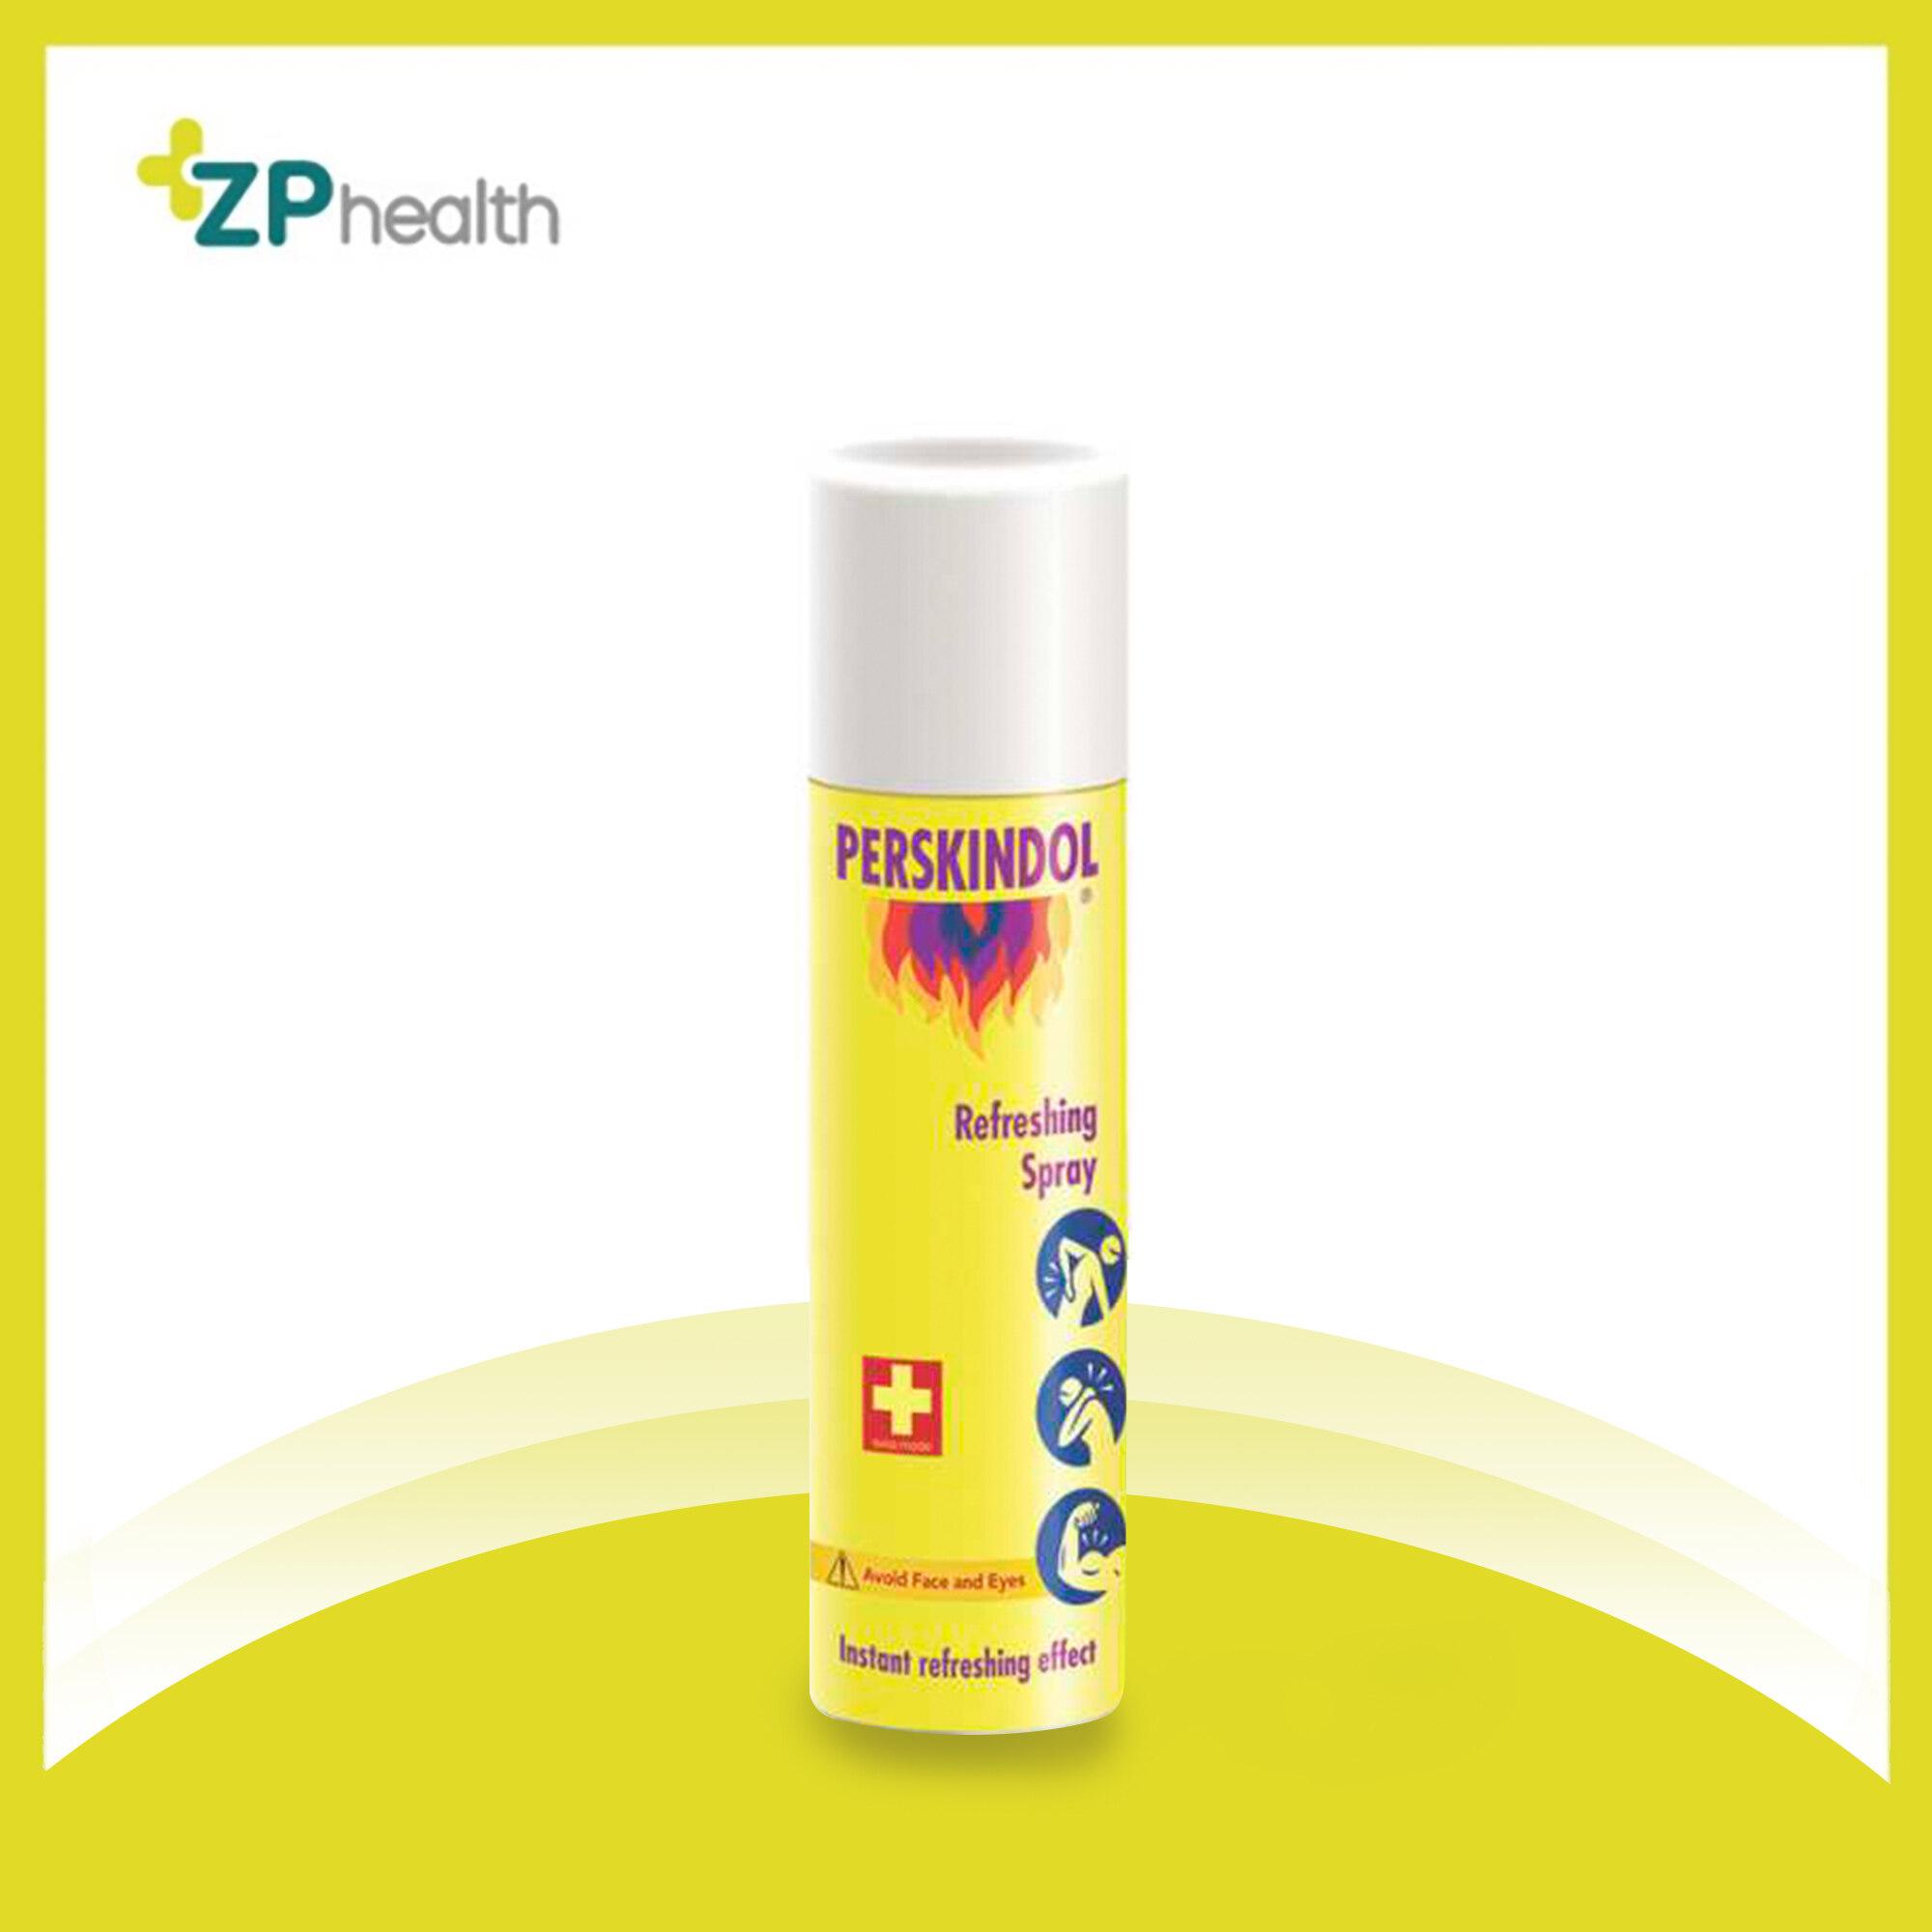 Perskindol Refreshing Spray 150ml